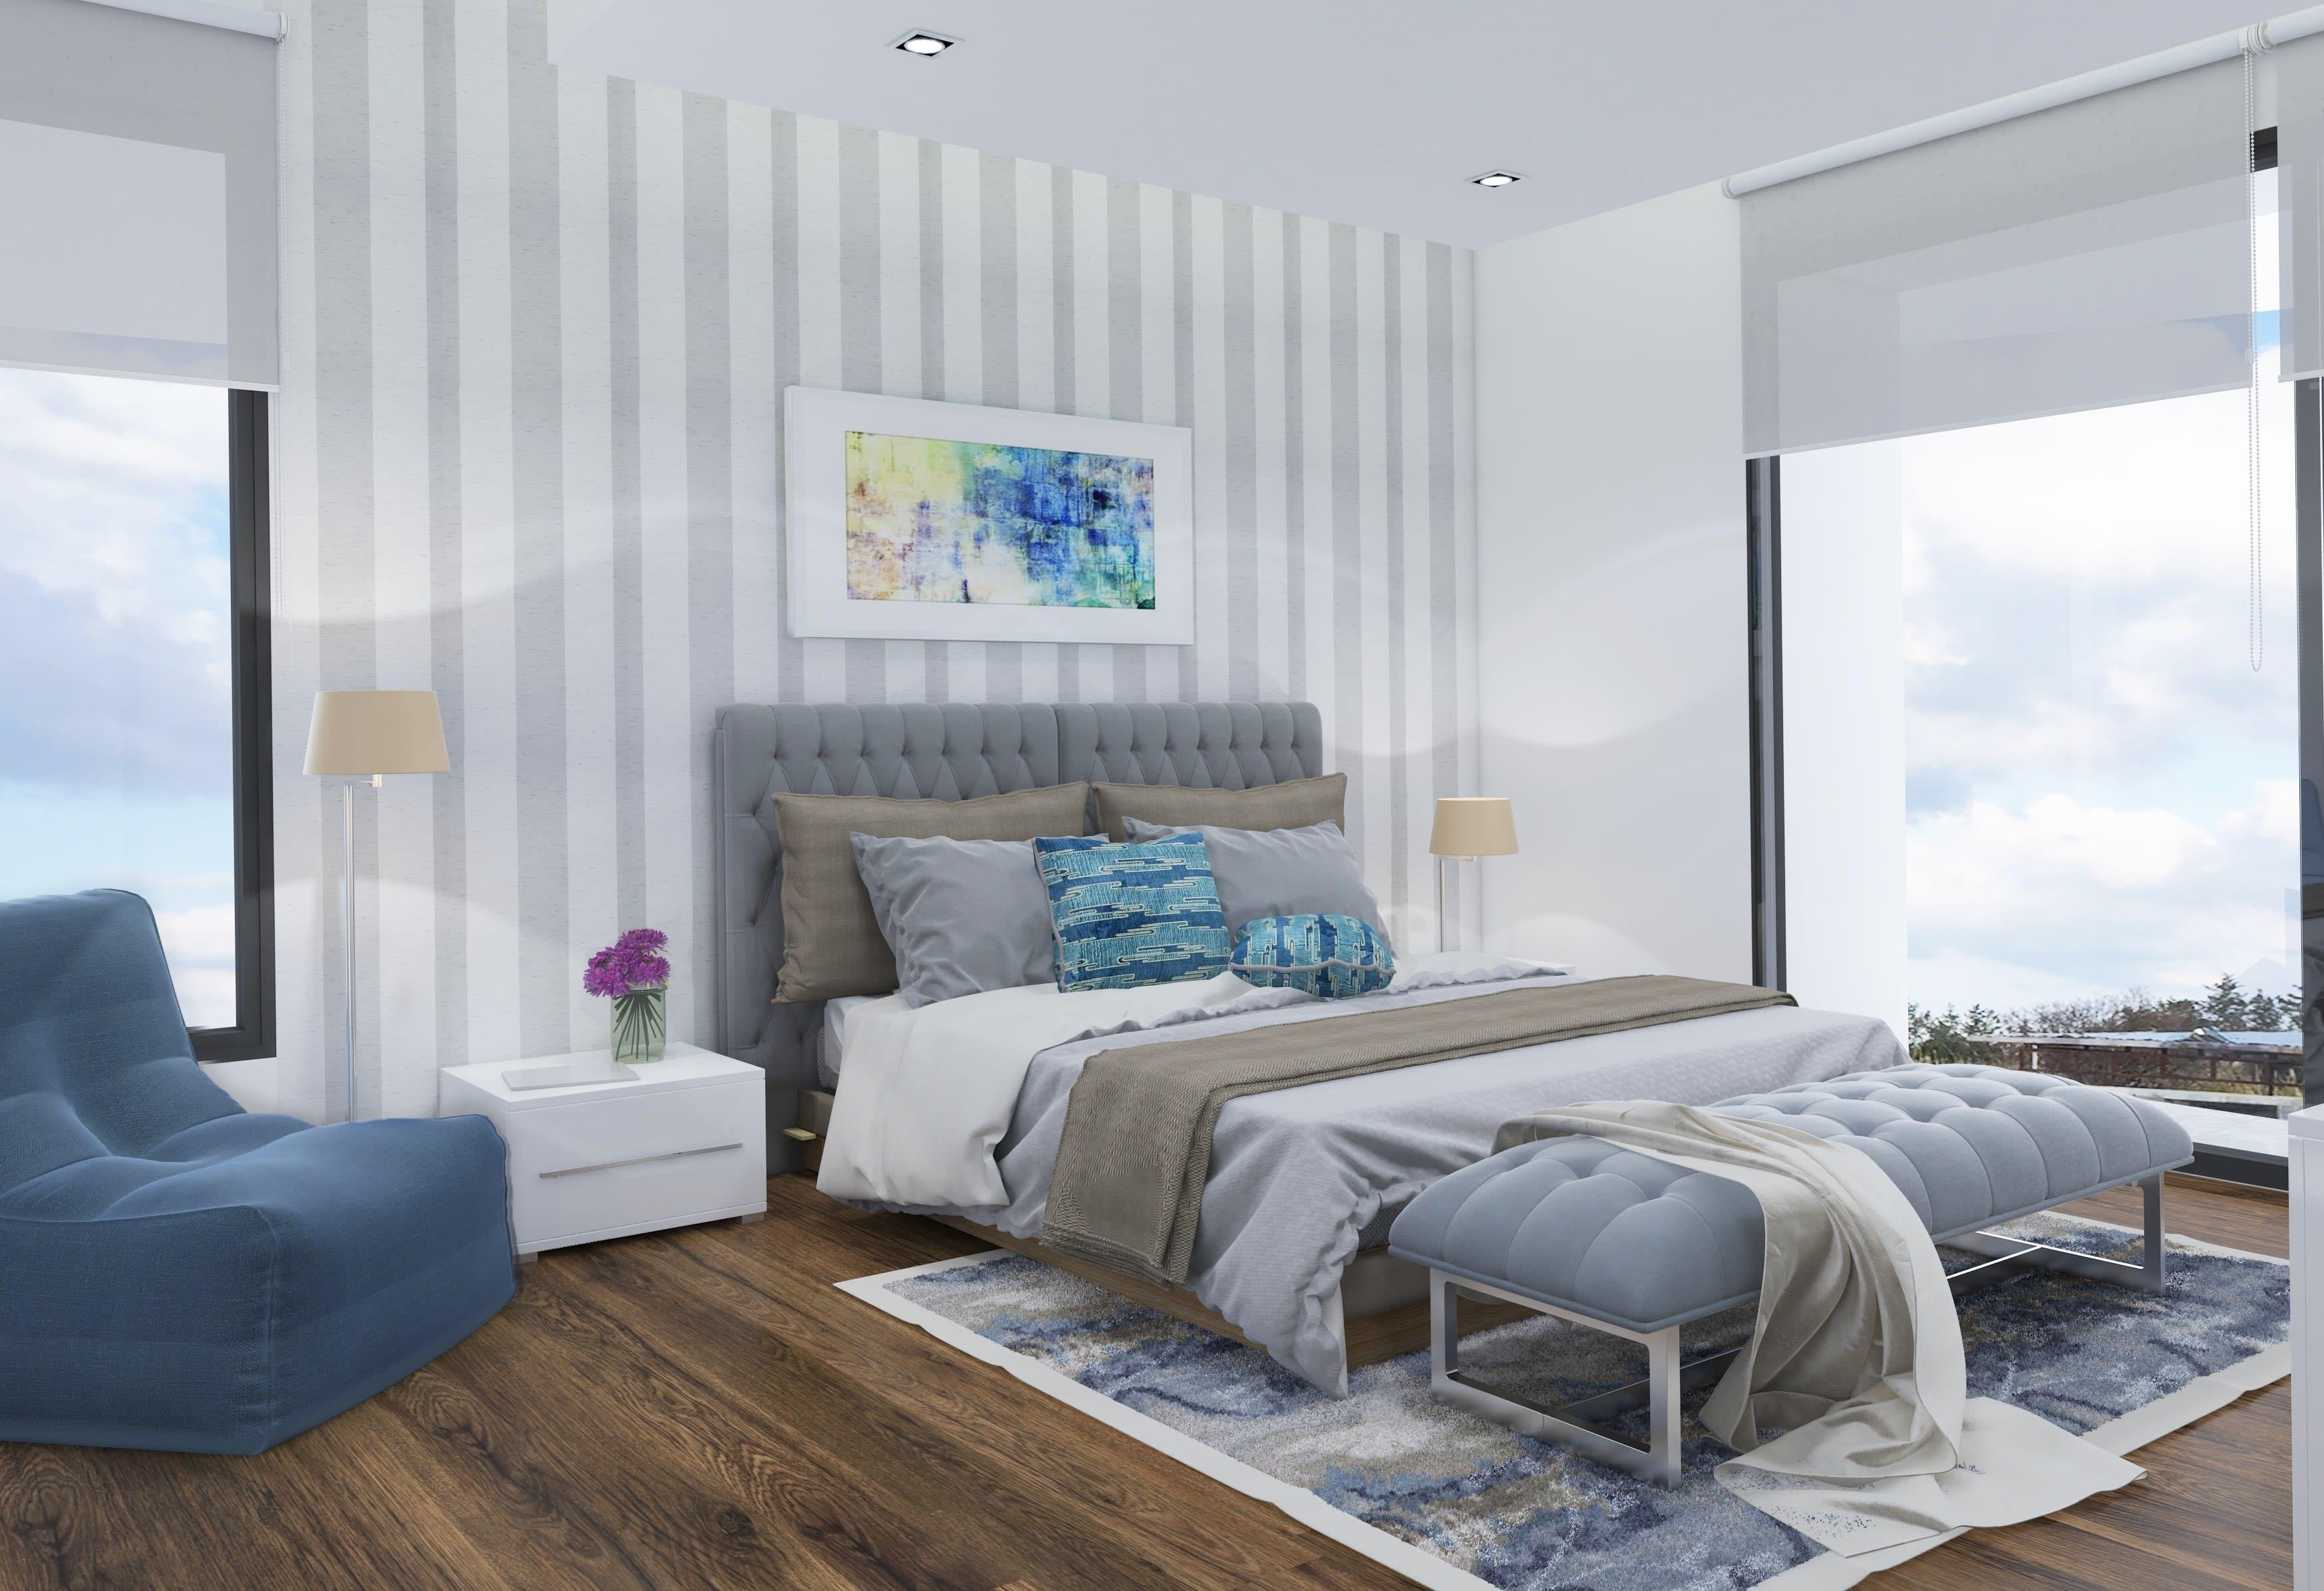 Çatalköy'de Satılık 4 Yatak Odalı ve Özel Havuzlu Lüks Villalar 7942